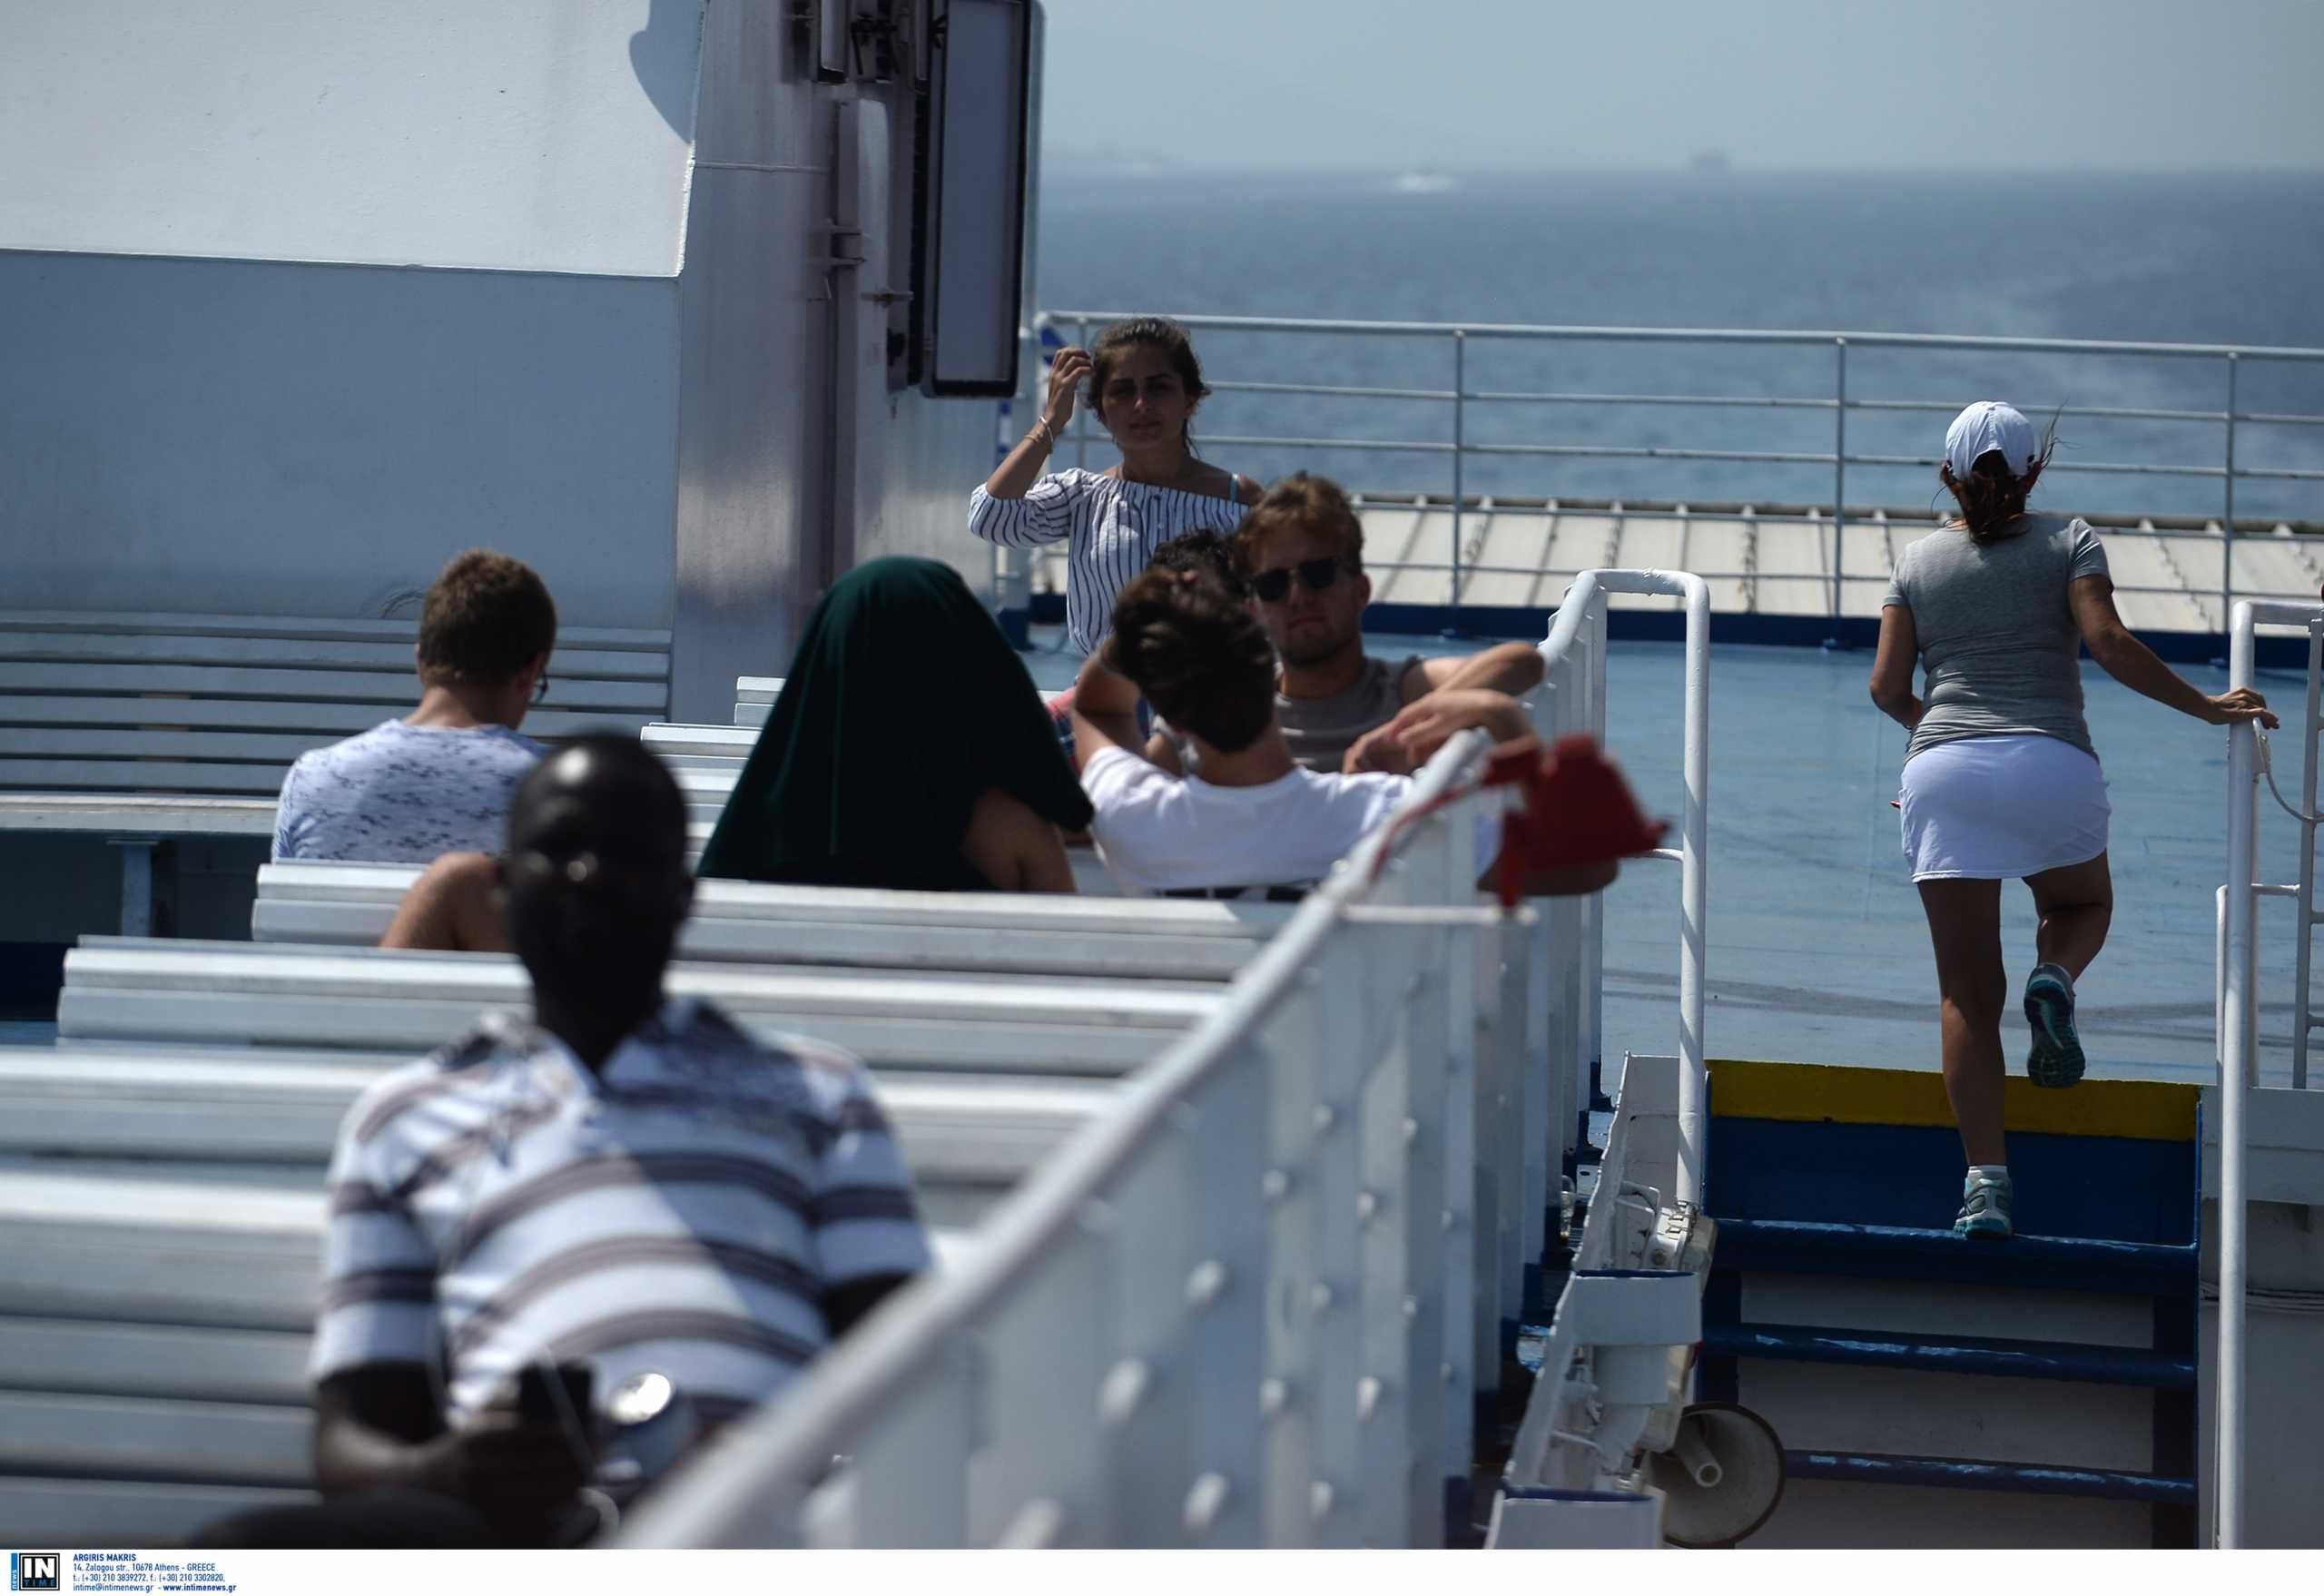 Μέτρα κορονοϊού: Έτσι θα γίνεται η επιβίβαση στα πλοία από τις 5 Ιουλίου